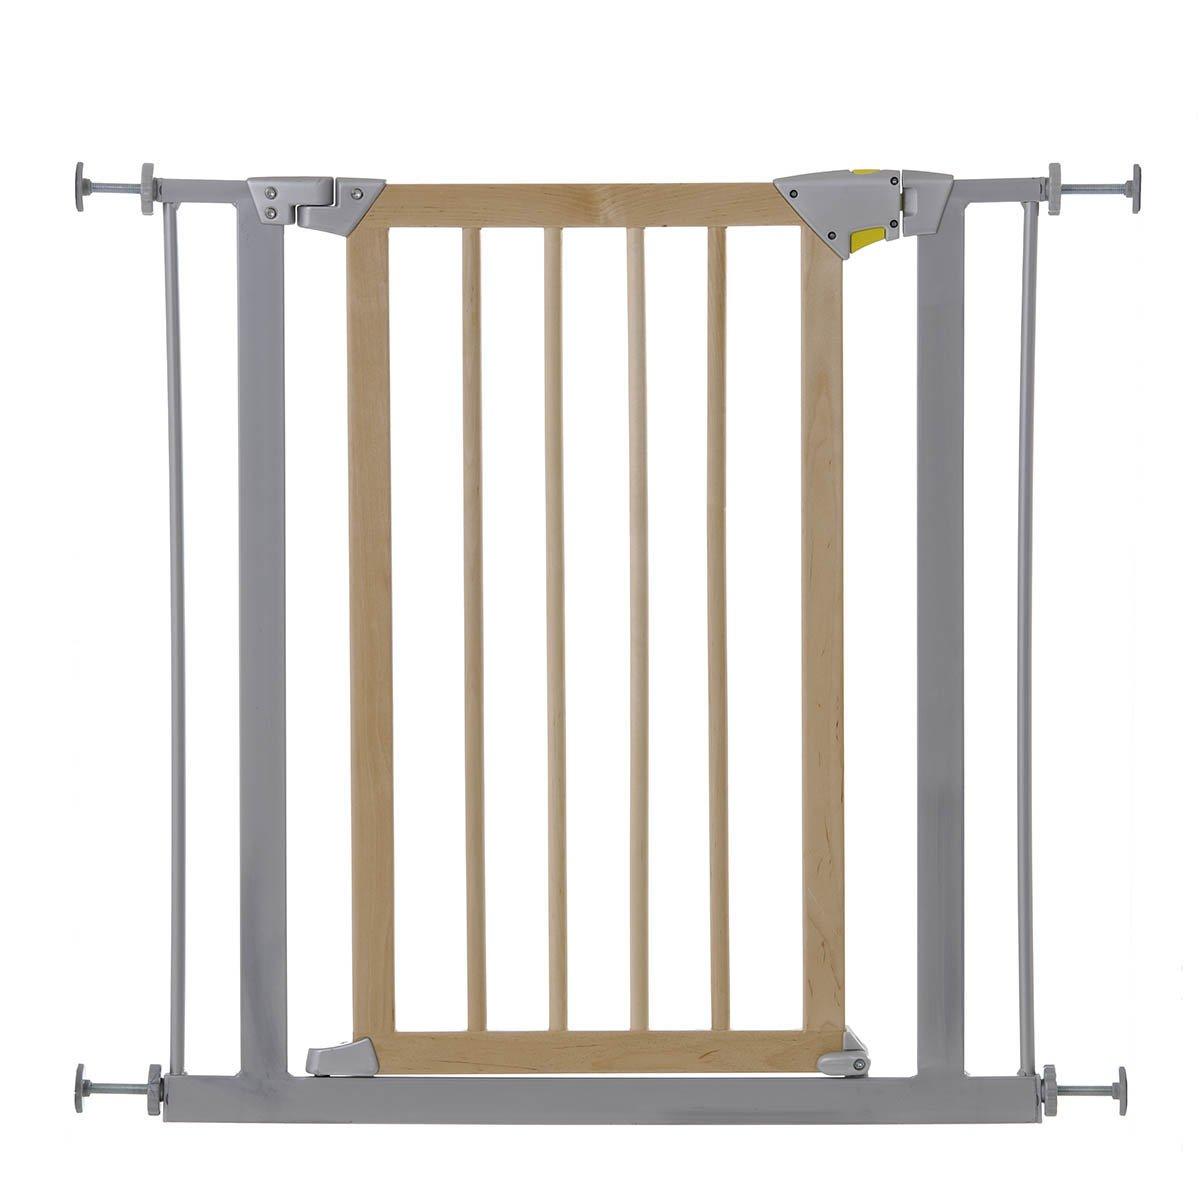 bramka do drzwi barierka zabezpieczaj ca schody. Black Bedroom Furniture Sets. Home Design Ideas